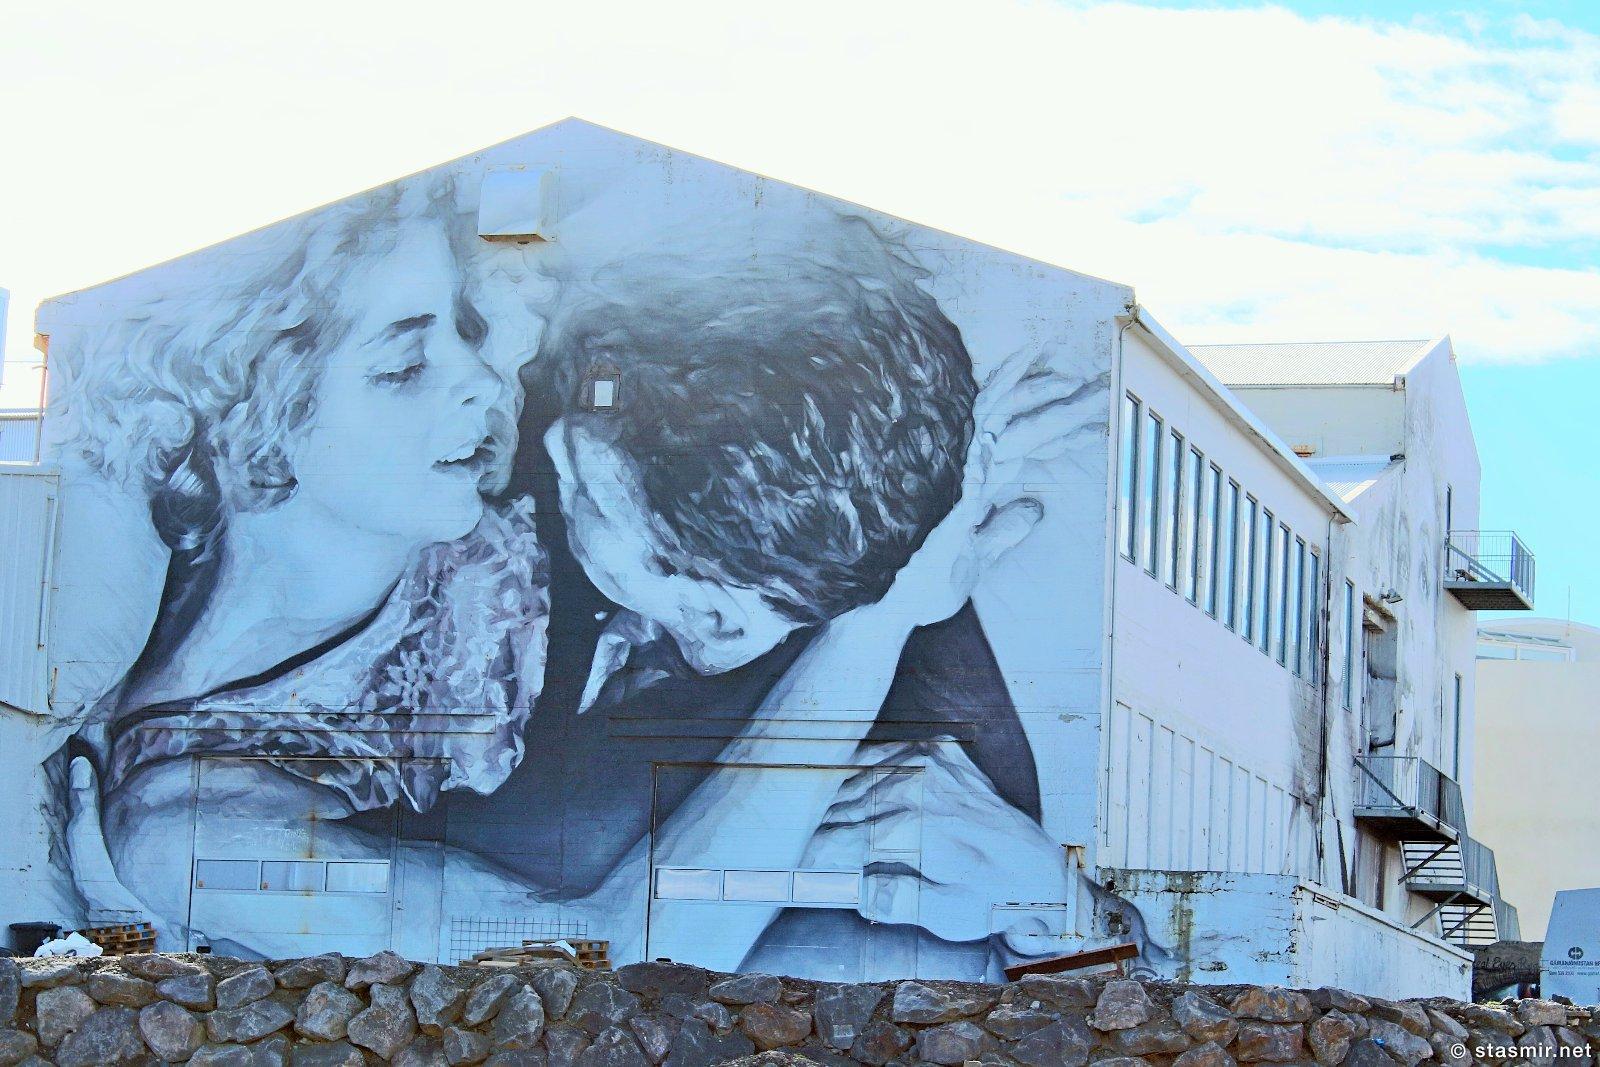 поцелуй на здании в Рейкьявике, уличное искусство в Исландии, фото Стасмир, photo Stasmir, Icelandic street art